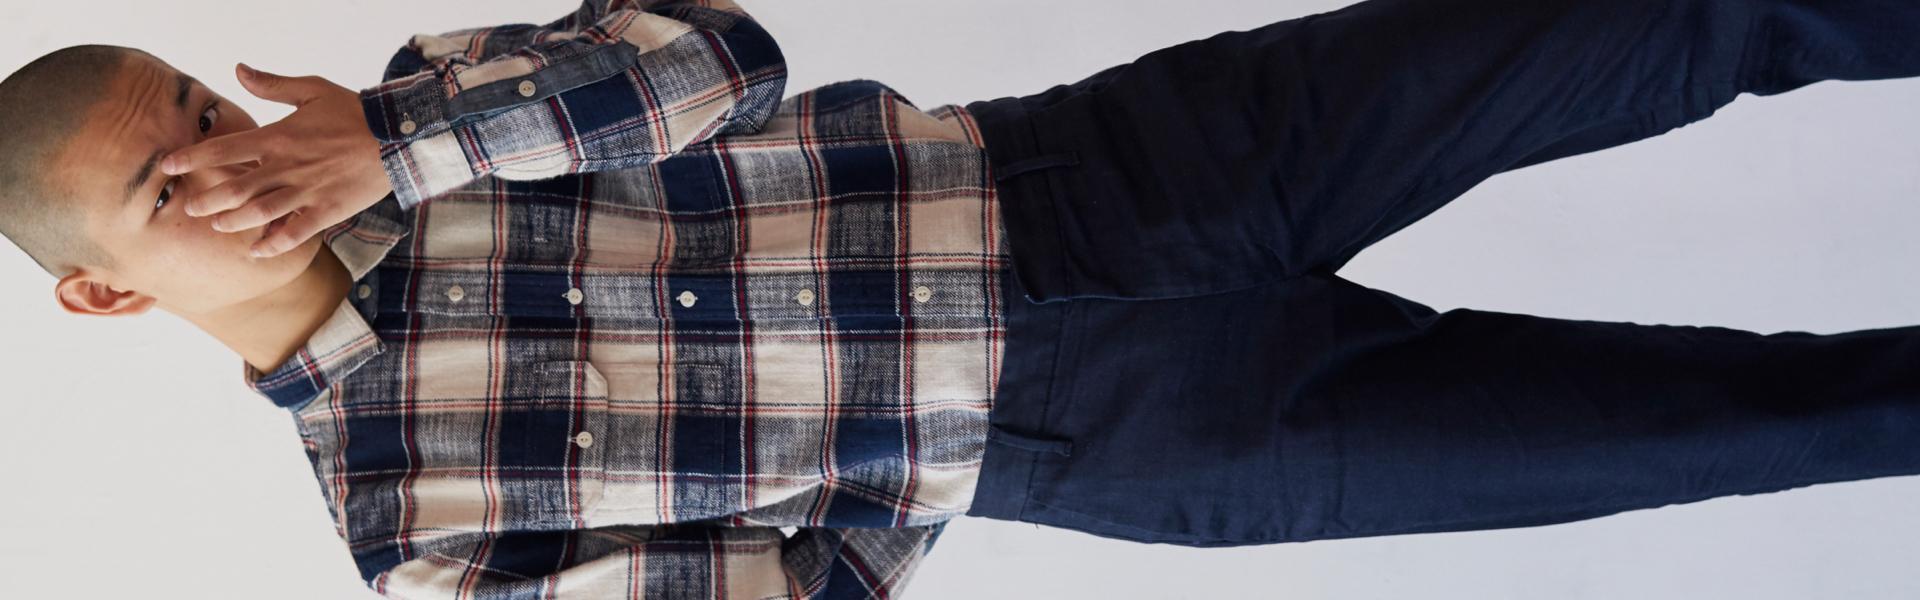 Shop Non-Denim Men's Styles